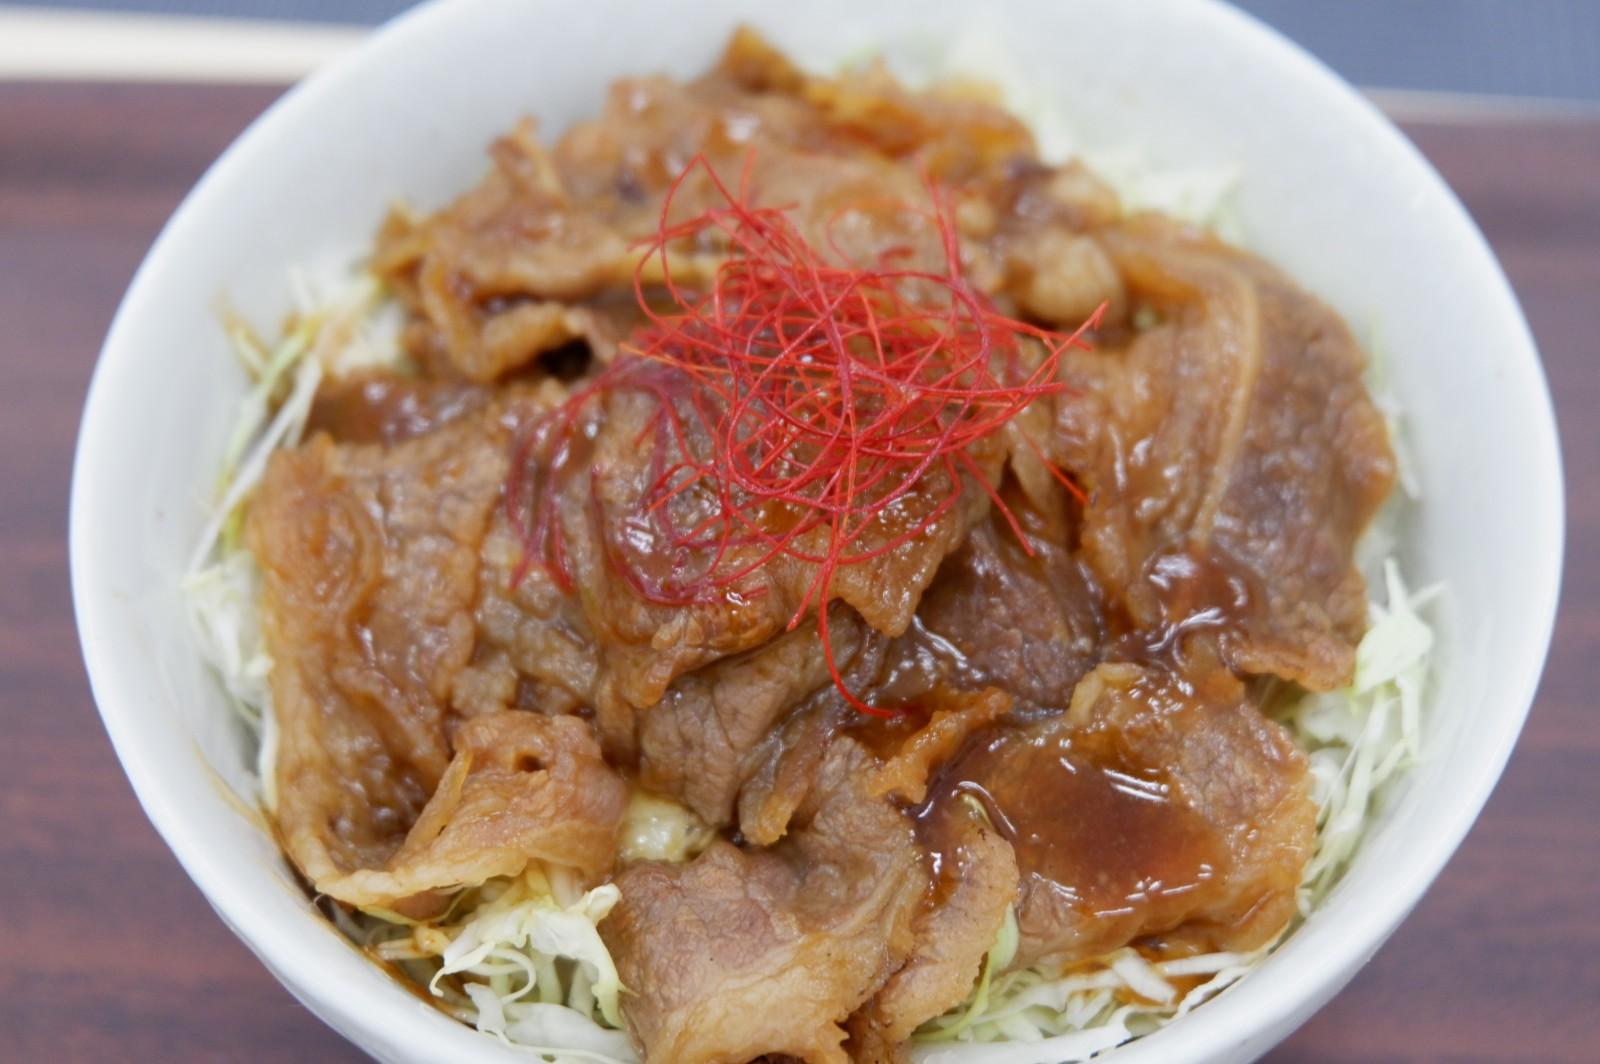 お昼が待ち遠しい、お弁当に焼肉!焼肉丼もビーフサラダもお手軽に(日本ハム冷凍食品)